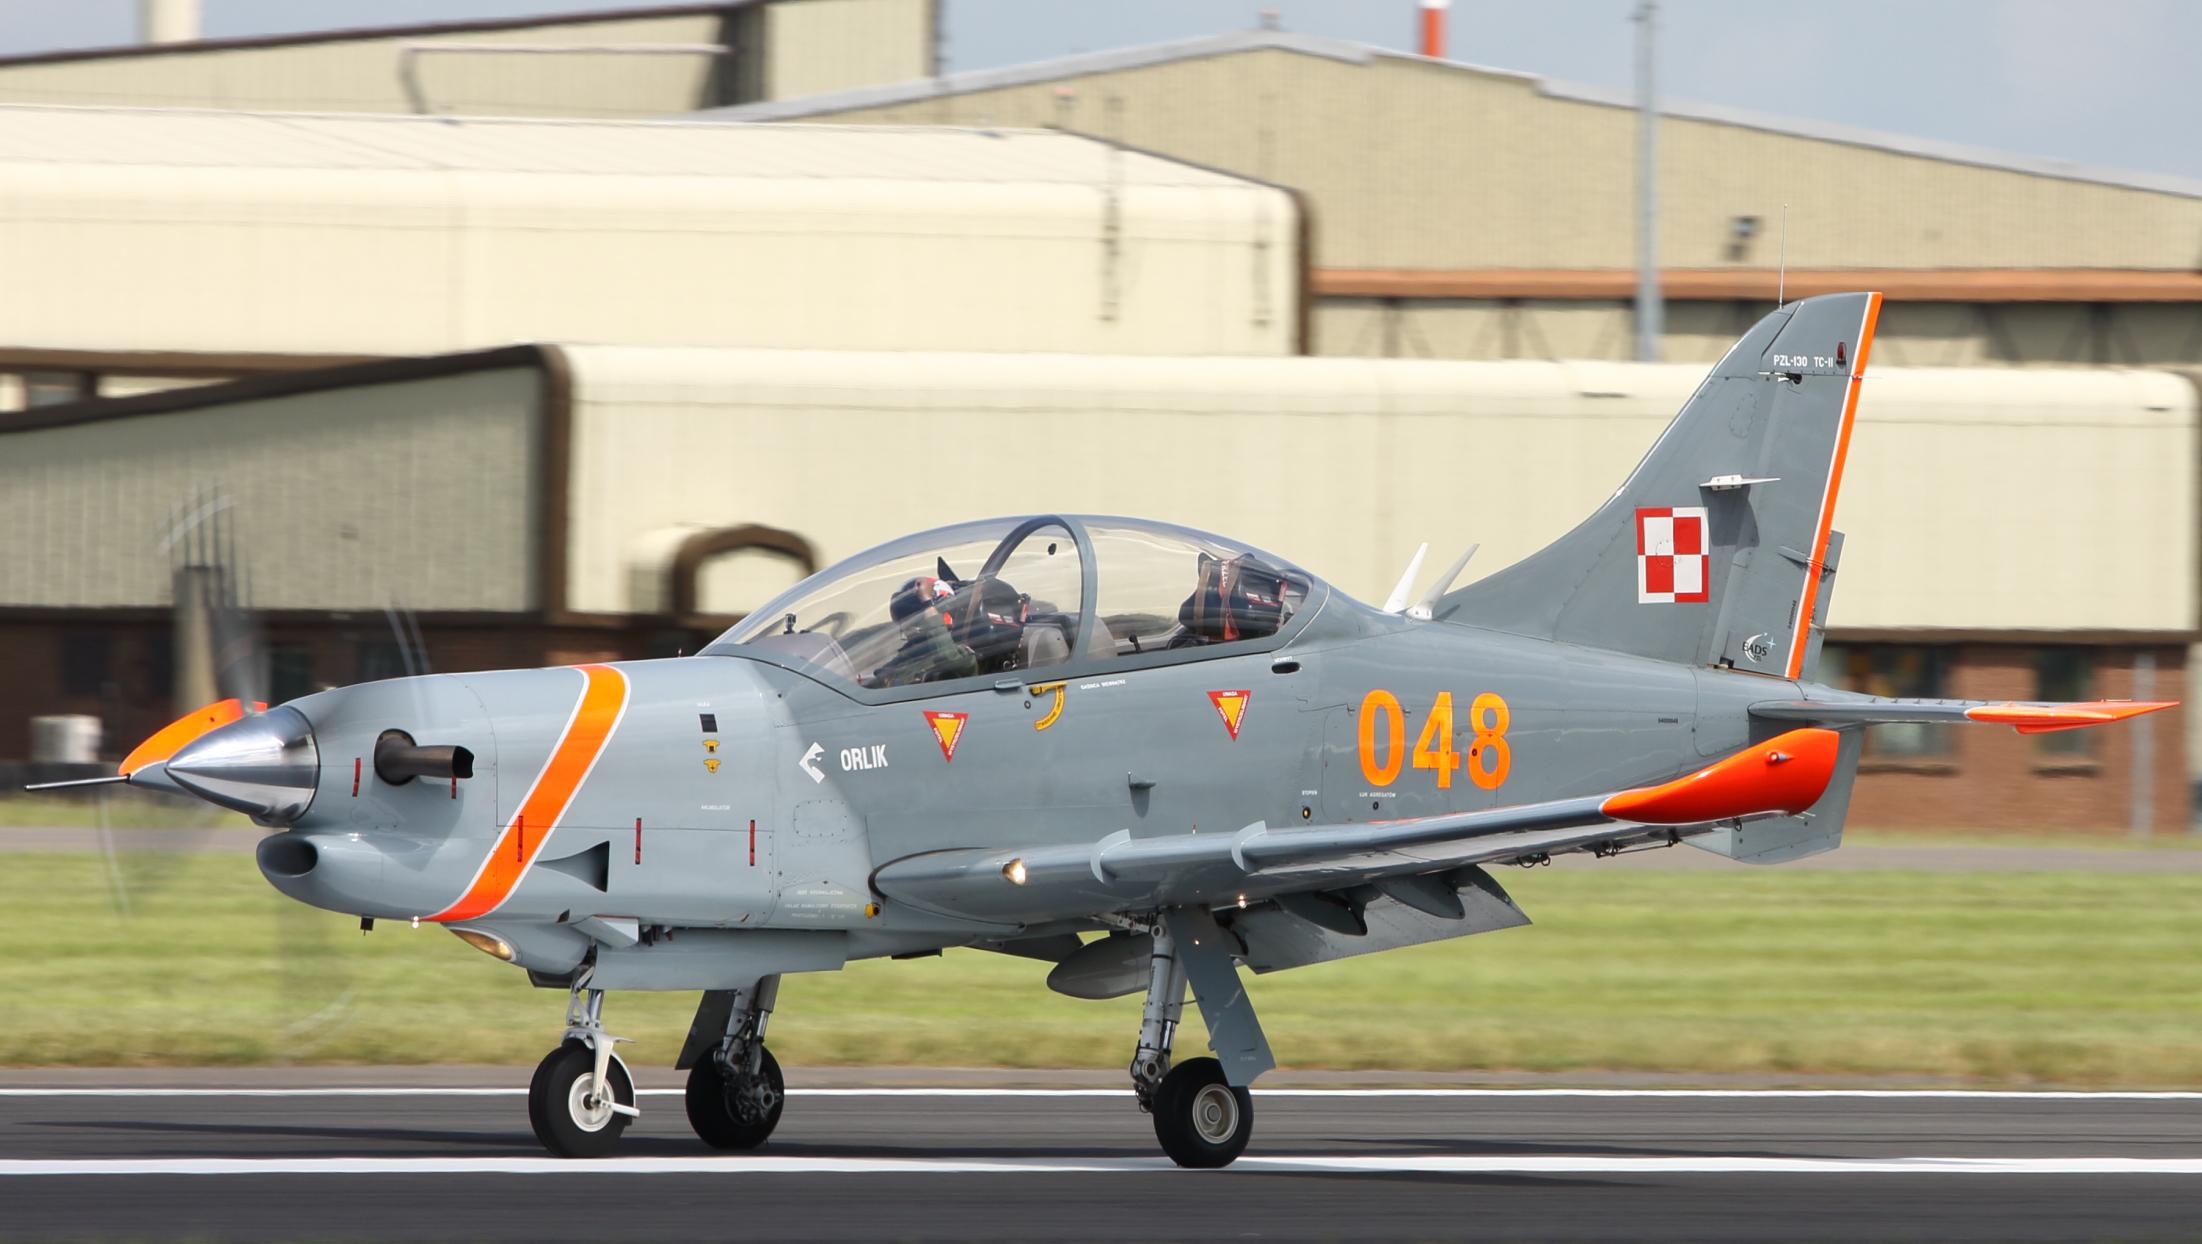 PZL-130_Orlik_RIAT_2016_3399.jpg